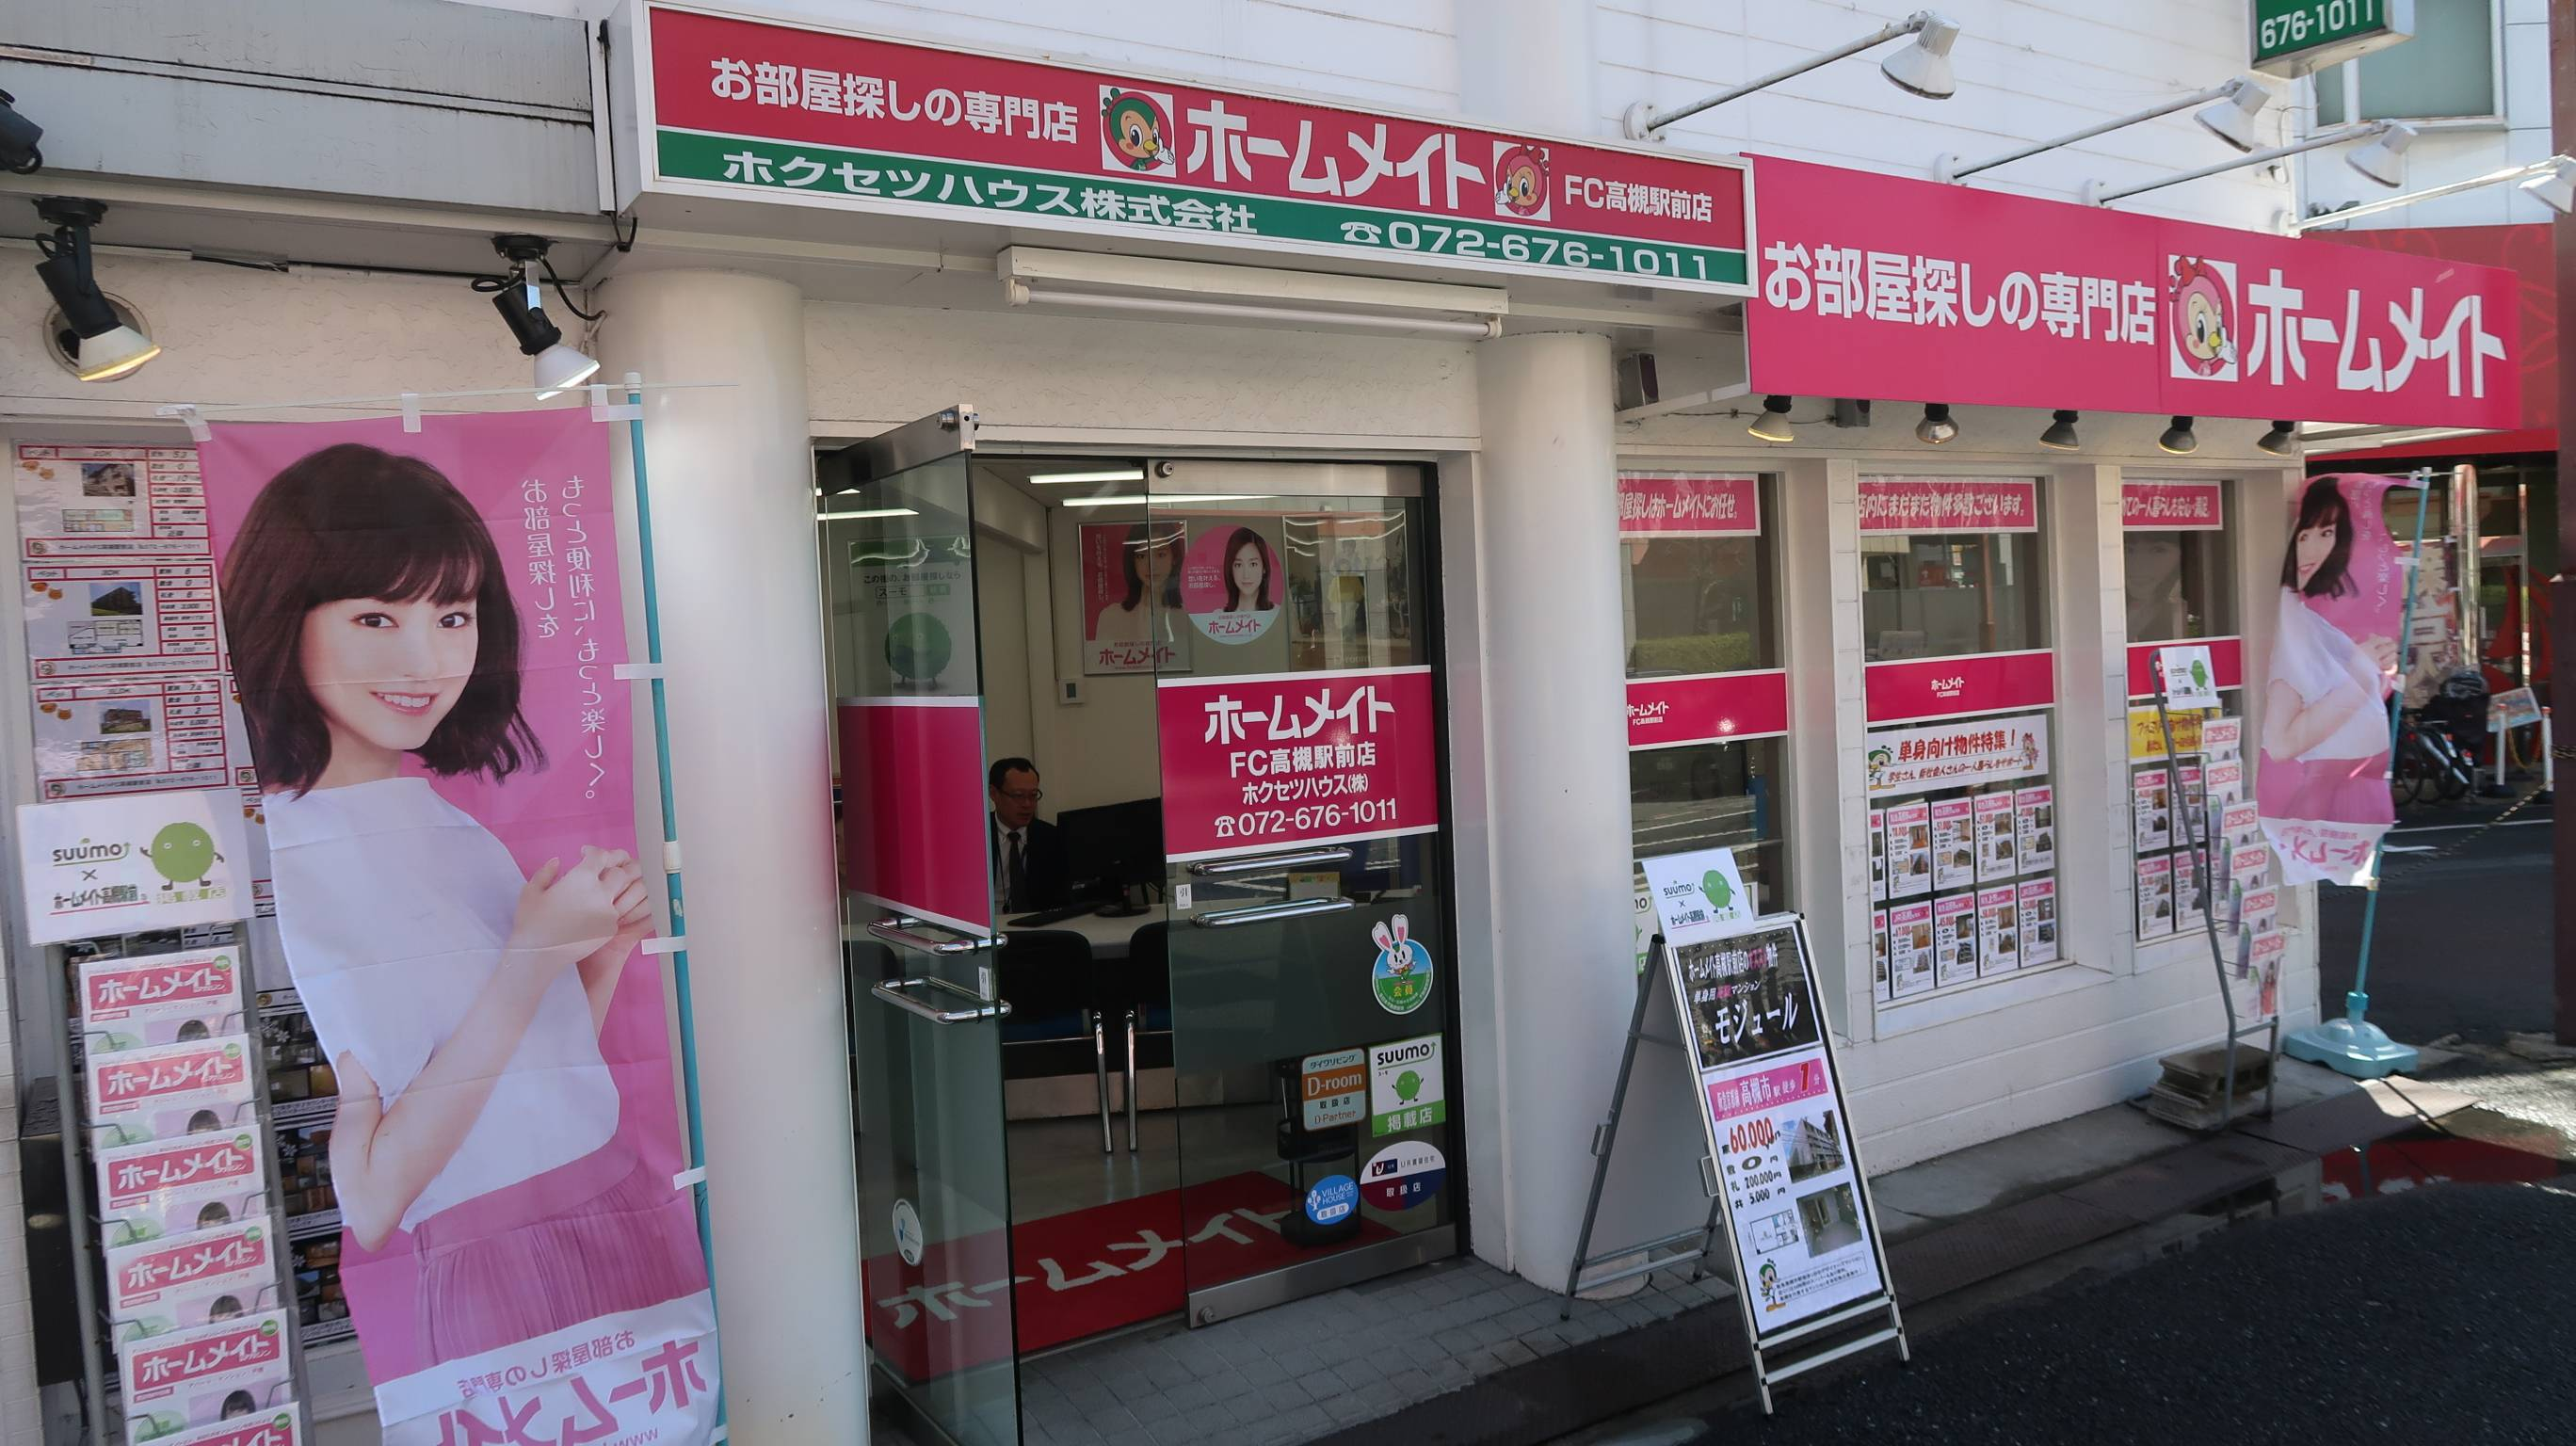 ホームメイトFC高槻駅前店 ホクセツハウス株式会社